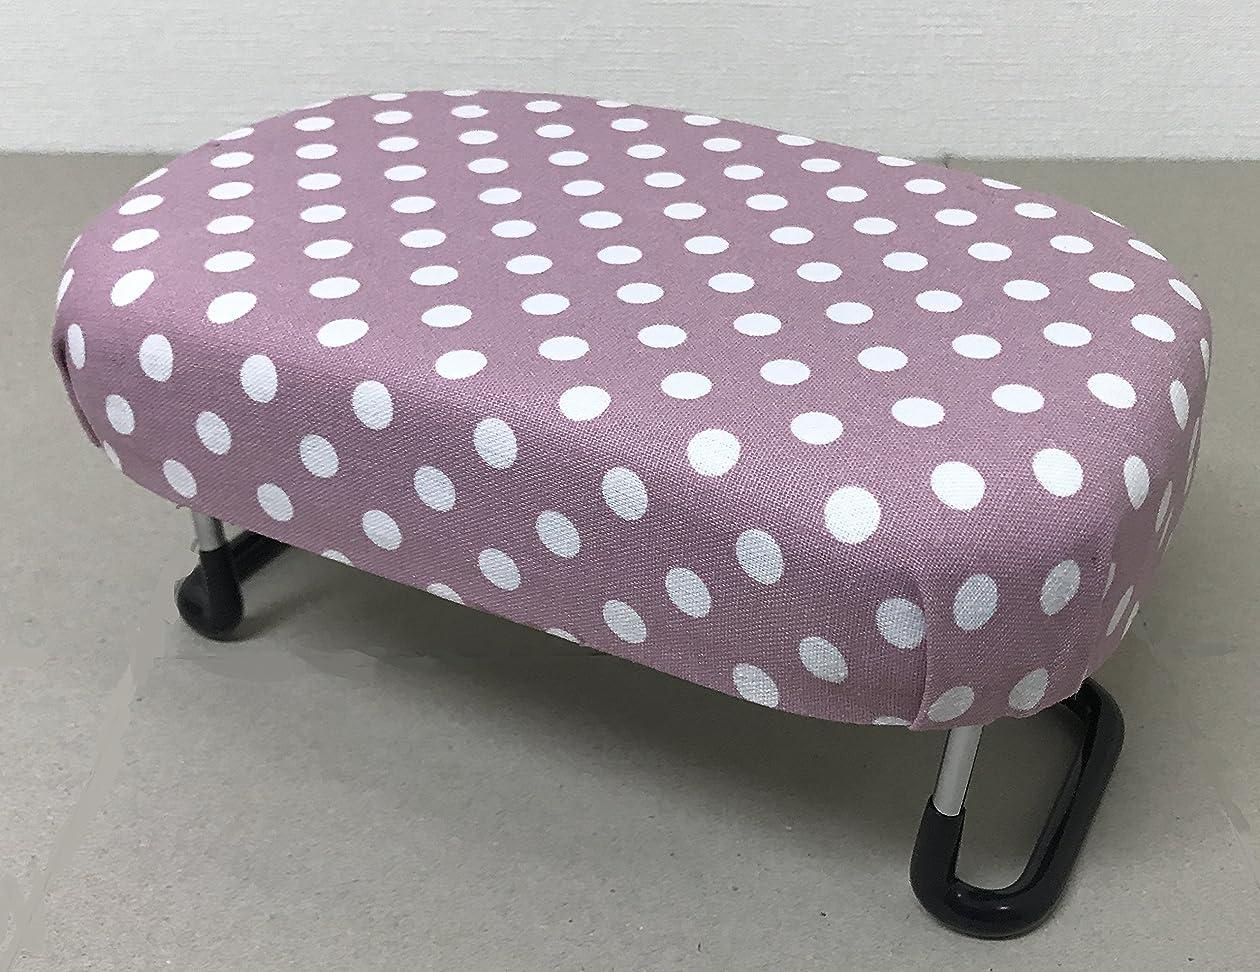 三番ぼろ海軍コンパクト正座椅子 大 折り畳み式(柄) (水玉ピンク)